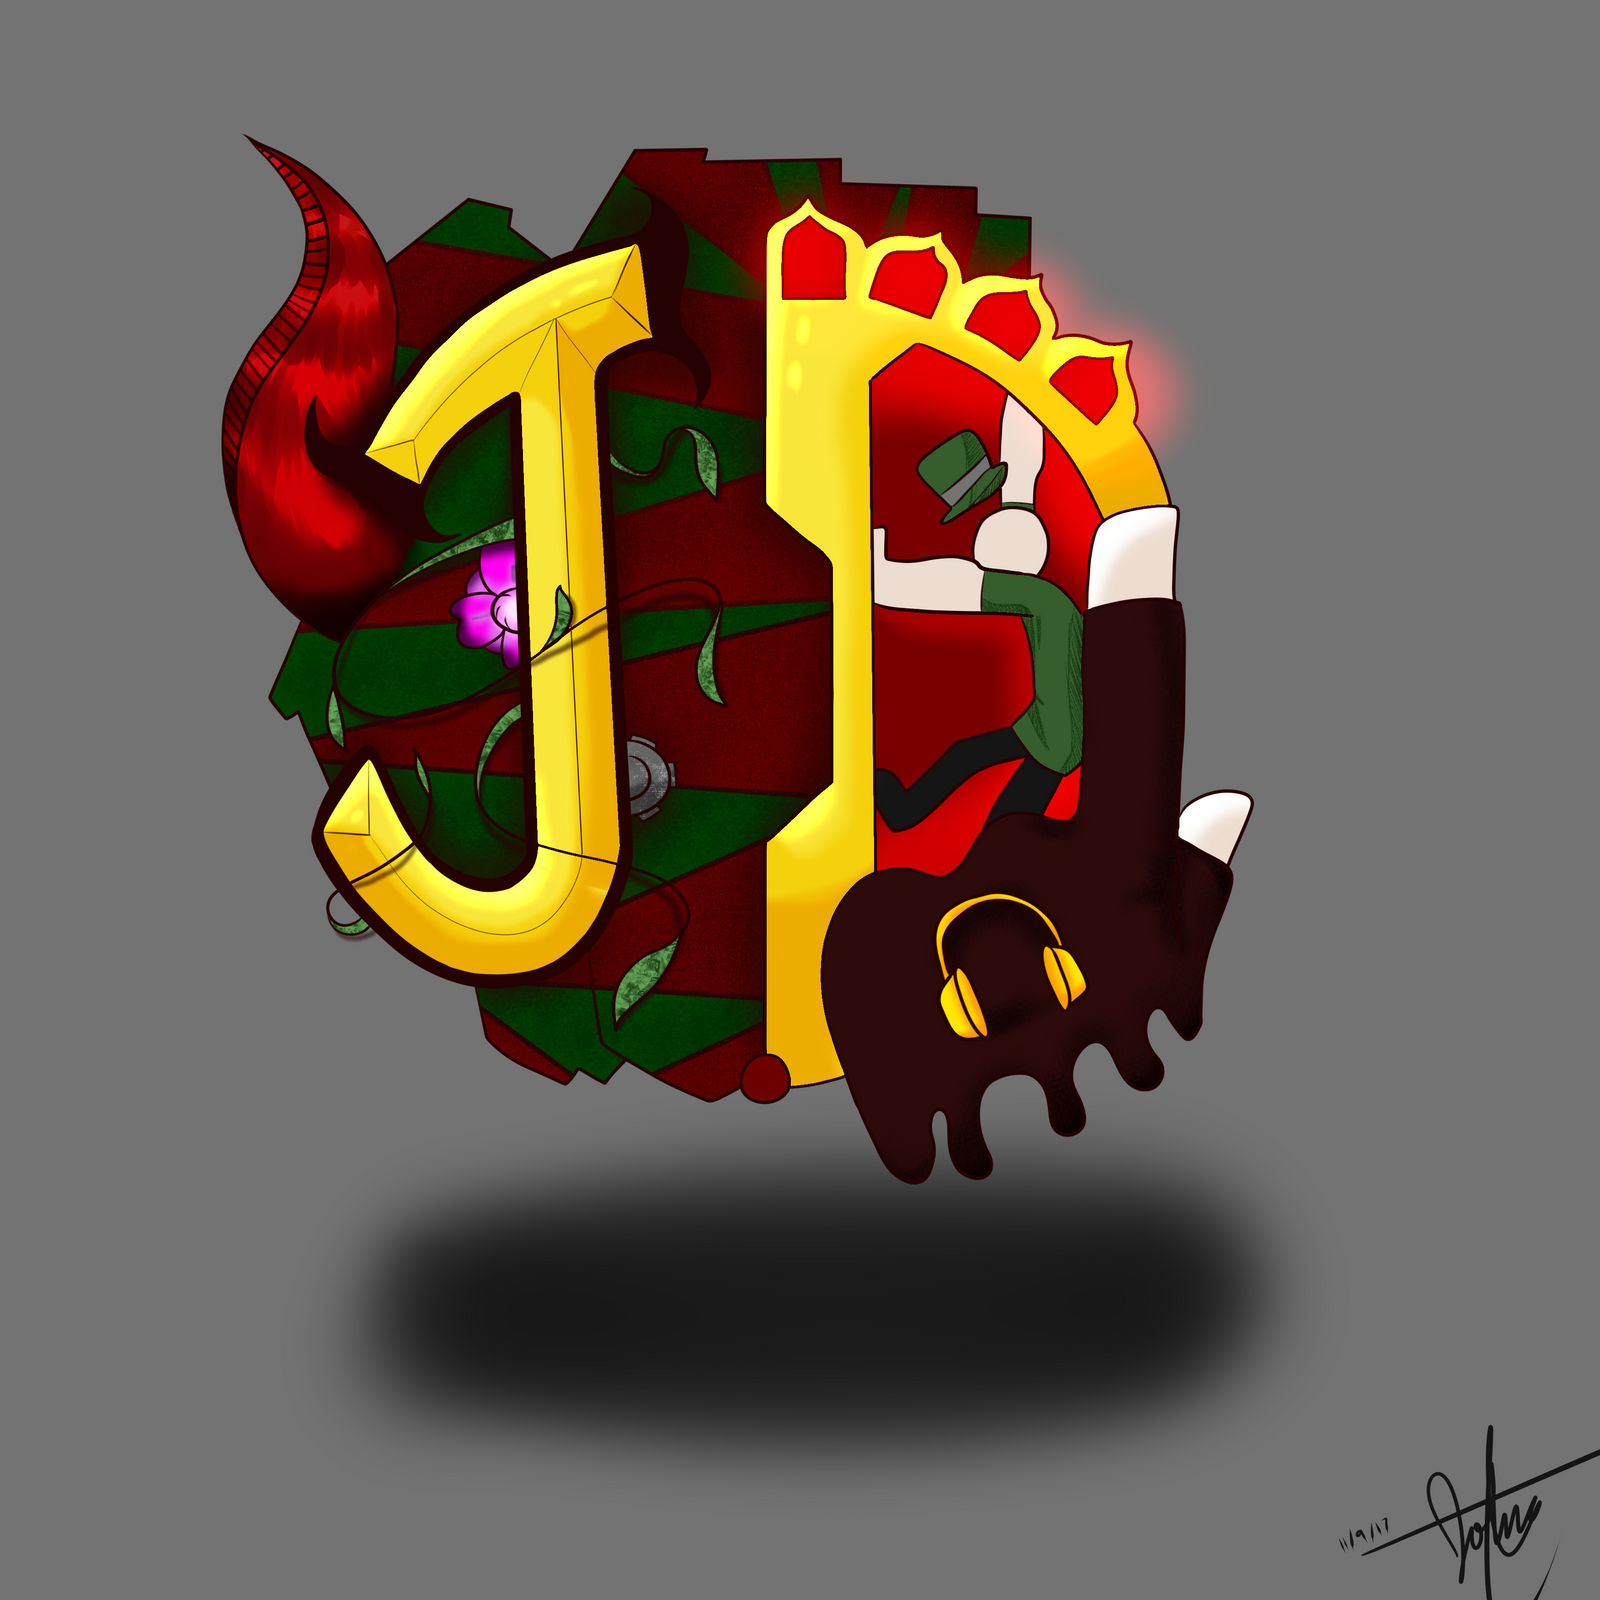 jd logo f by guesteight on deviantart jd logo f by guesteight on deviantart